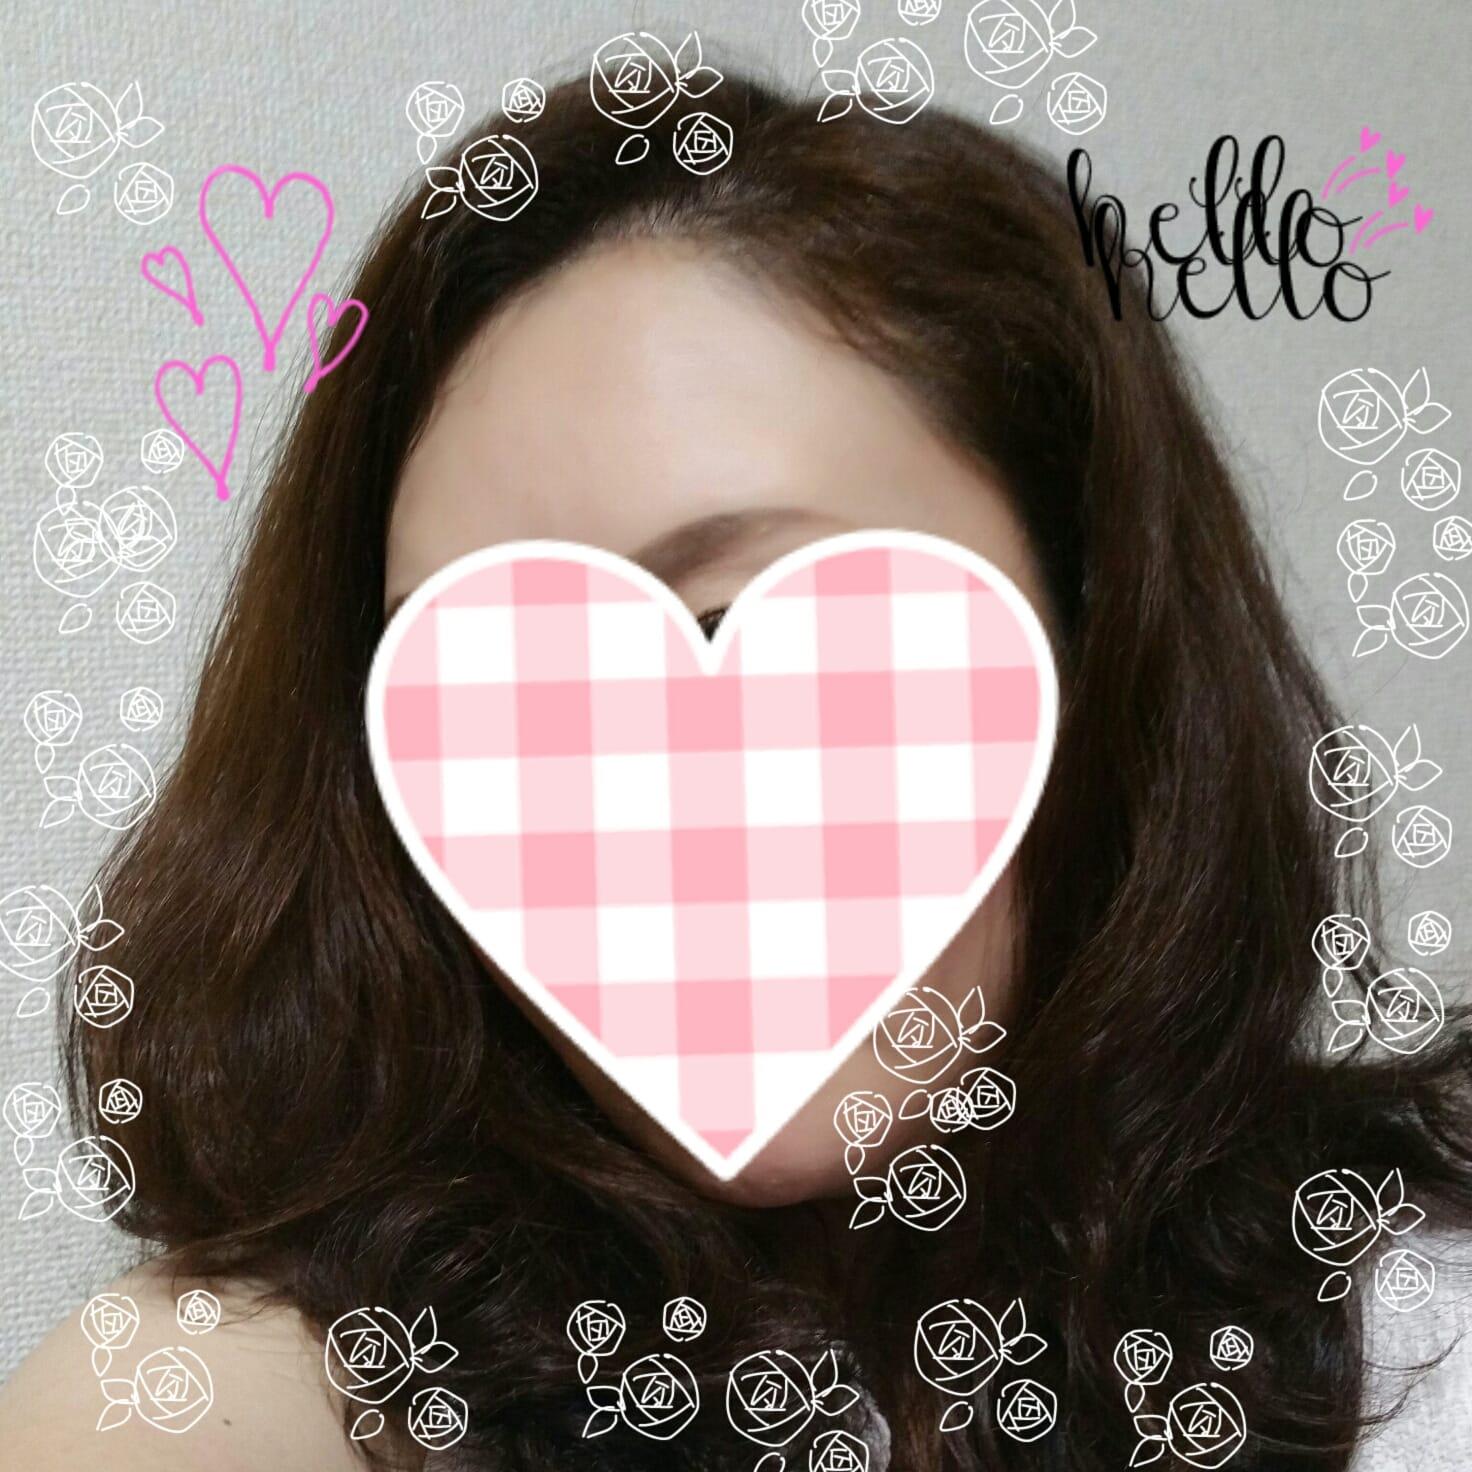 「こんばんわ✨」12/15(12/15) 21:26   理香子(りかこ)の写メ・風俗動画